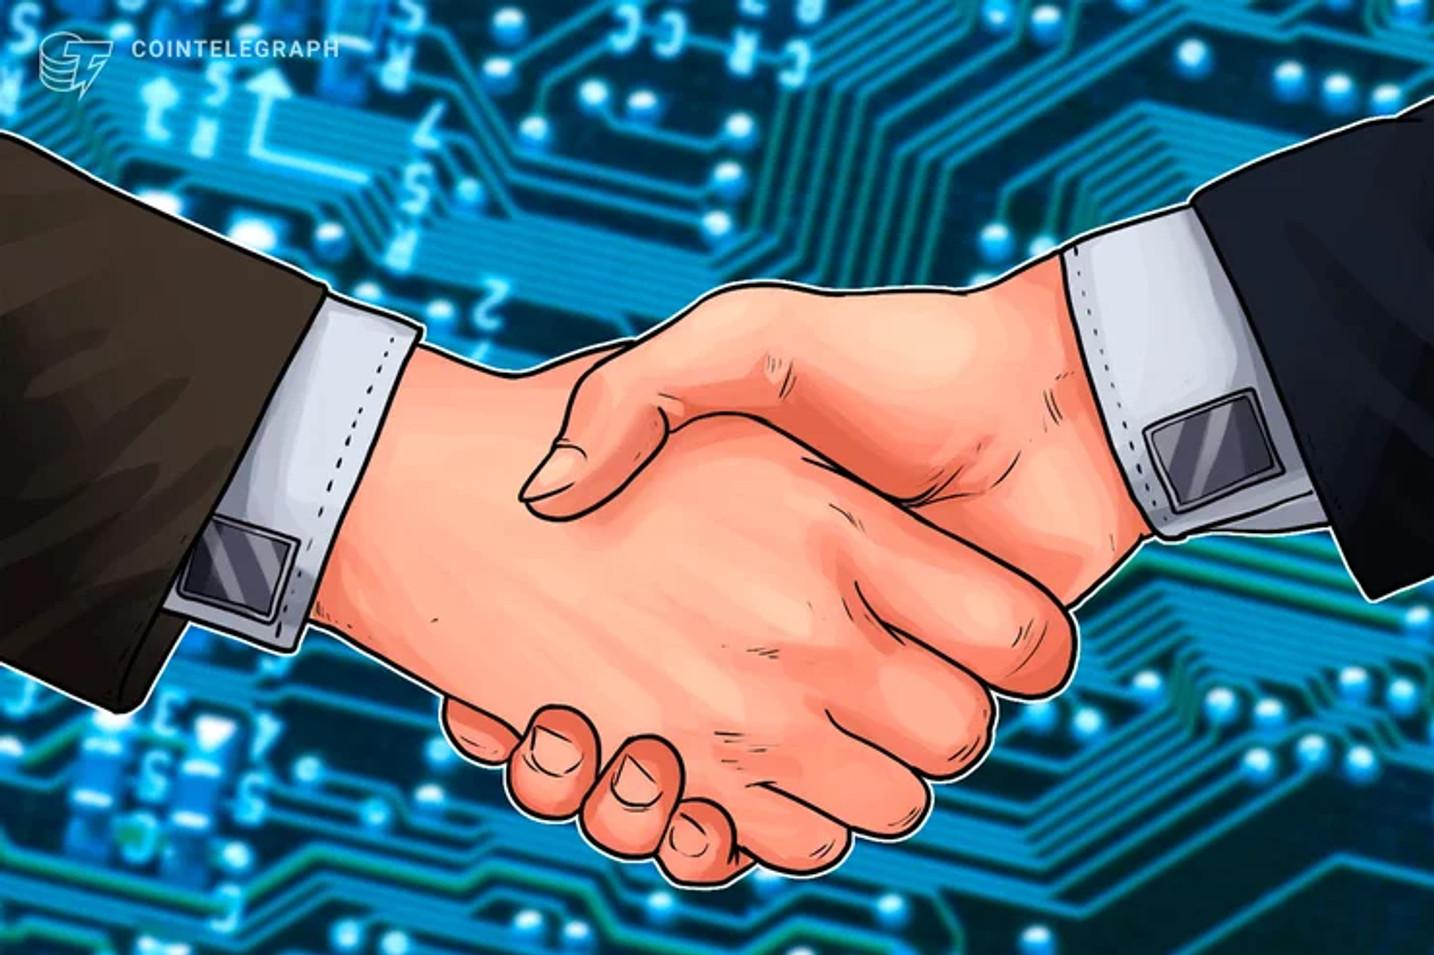 Cointelegraph Italia e Young Platform diventano partner per fare informazione sulle criptovalute